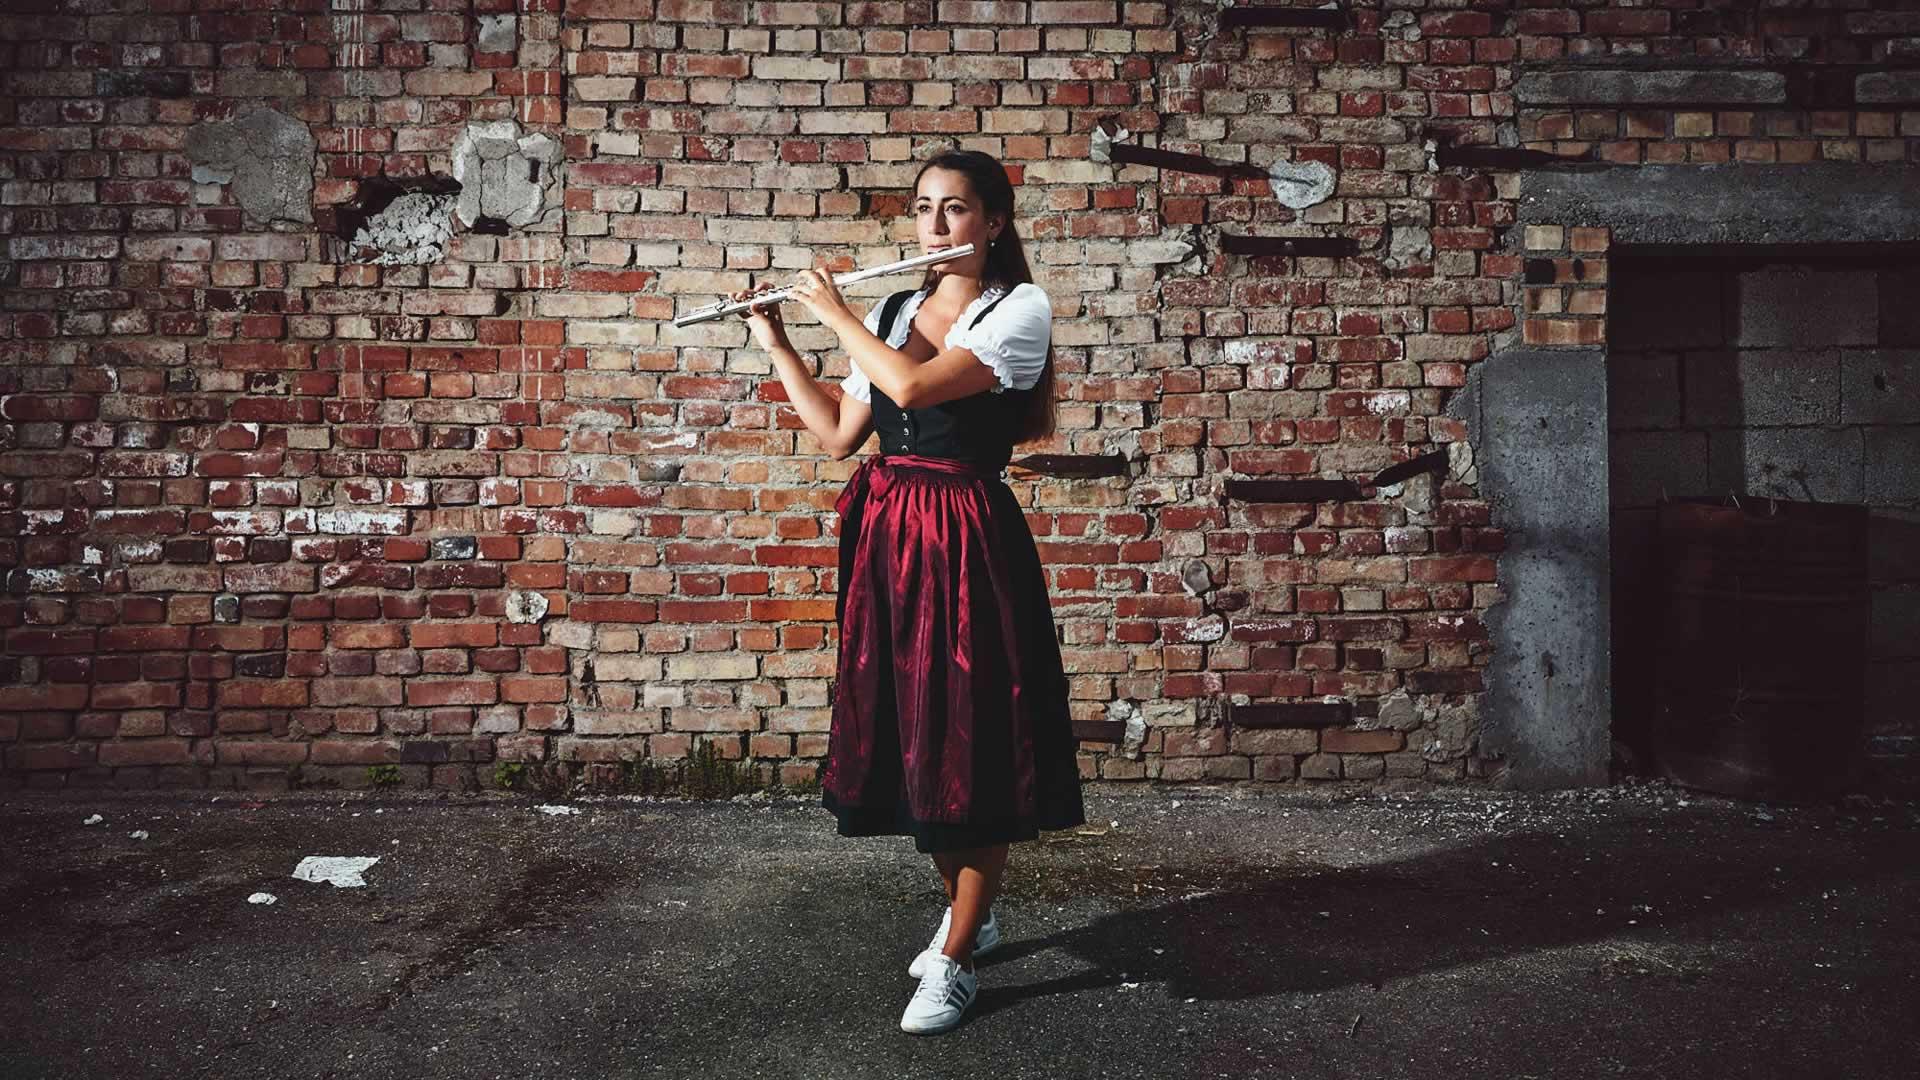 Frau in rot-schwarzem Dirndl spielt Querflöte vor einer Backsteinmauer